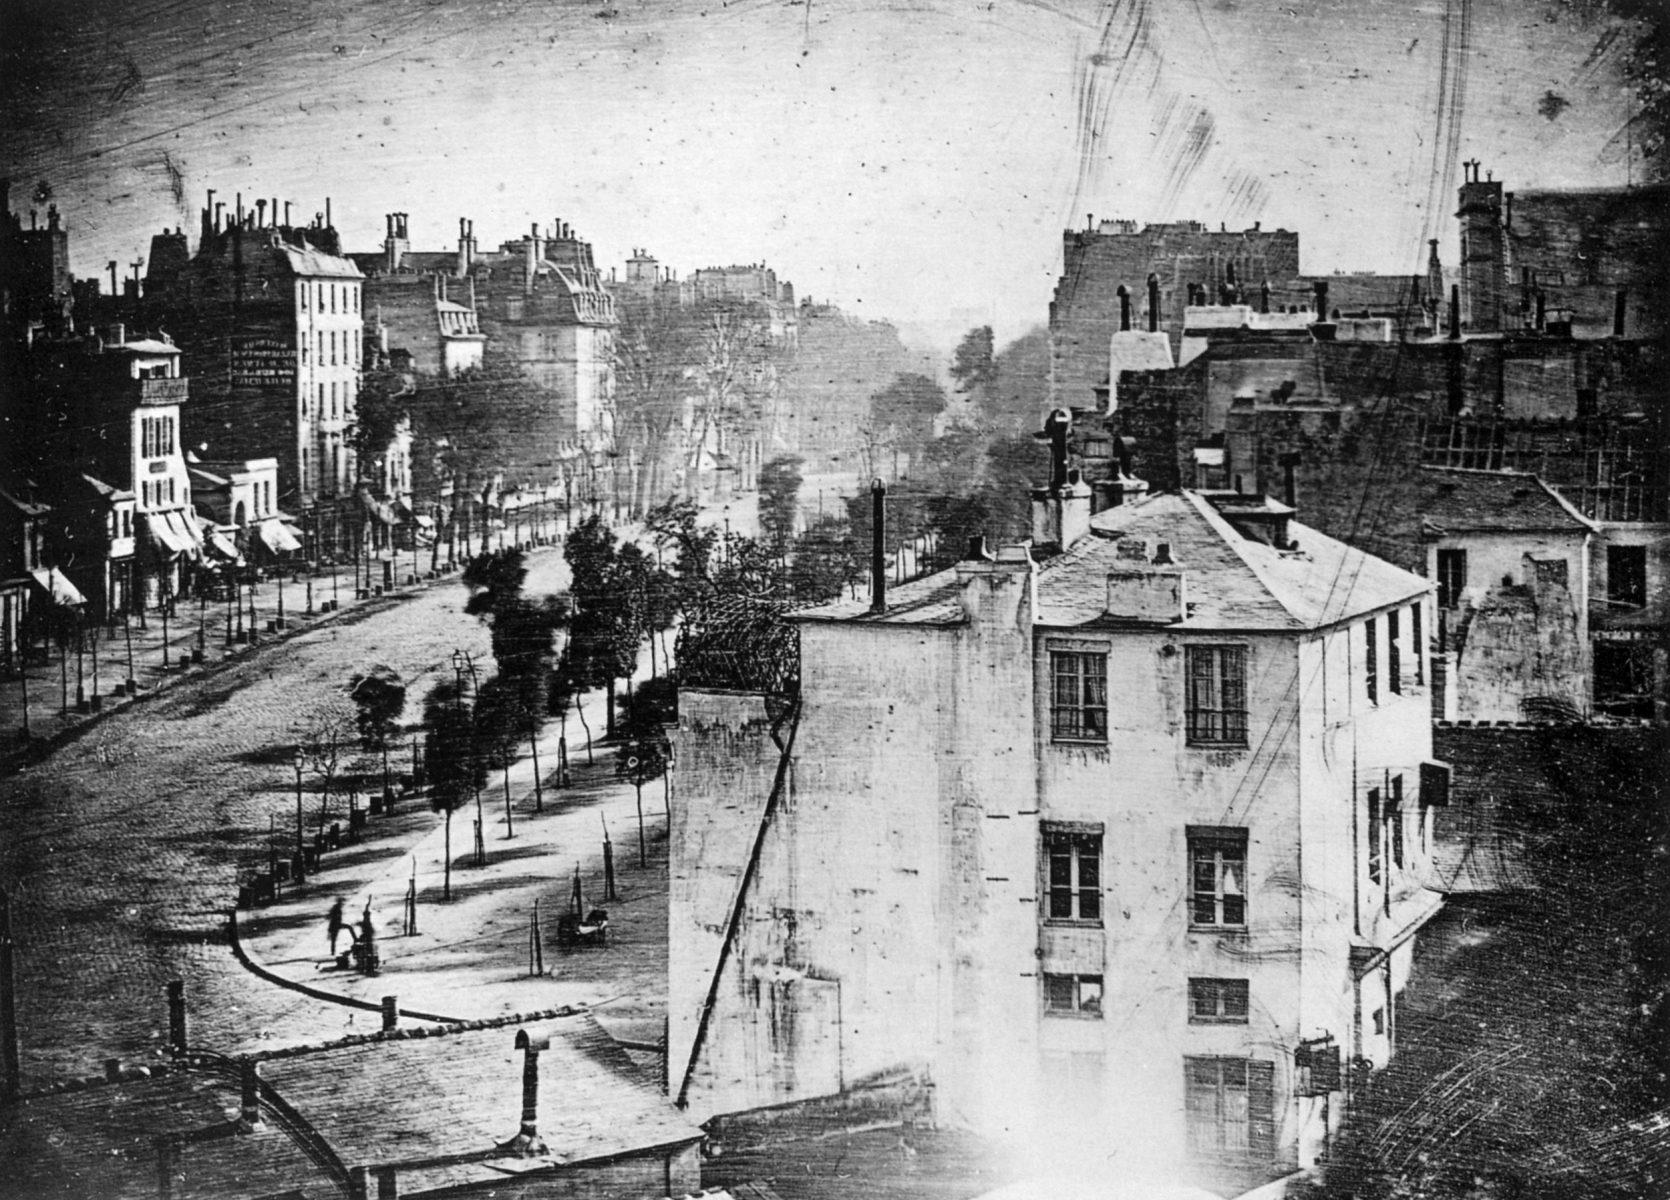 Frühe Daguerreotypie-Fotografie von Louis Daguerre, Boulevard Du Temple, Paris 1838